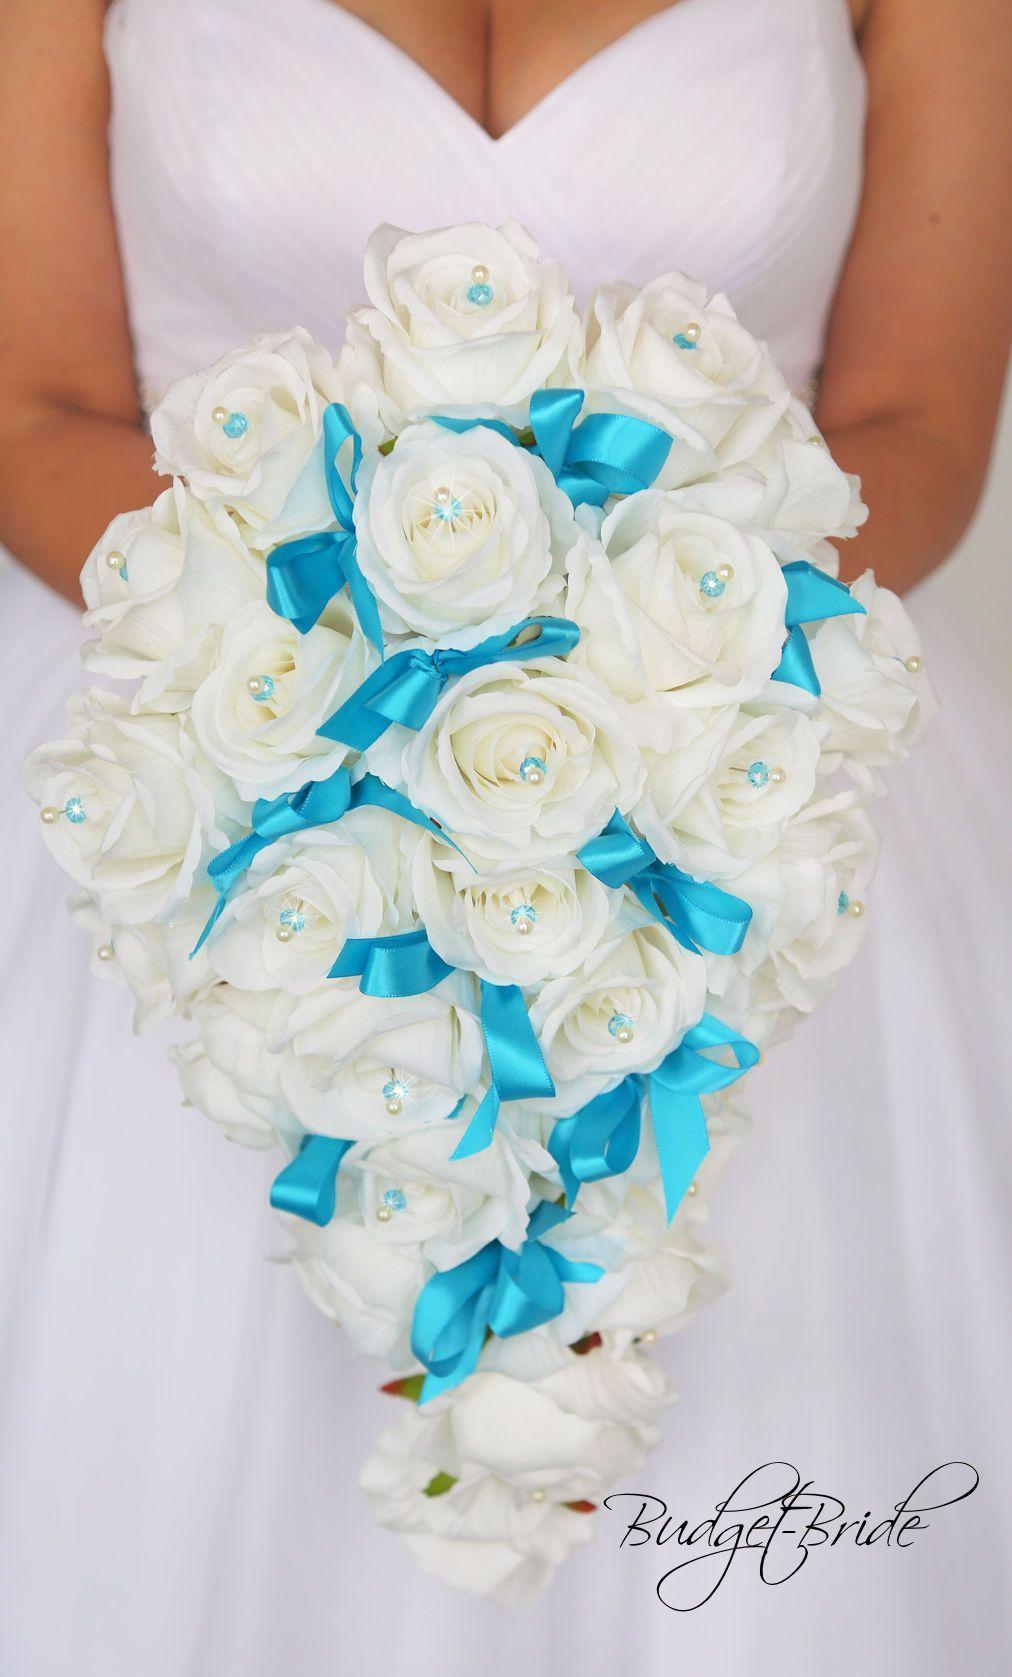 Malibu Davids Bridal Wedding Flowers Cascading White Rose Turquoise